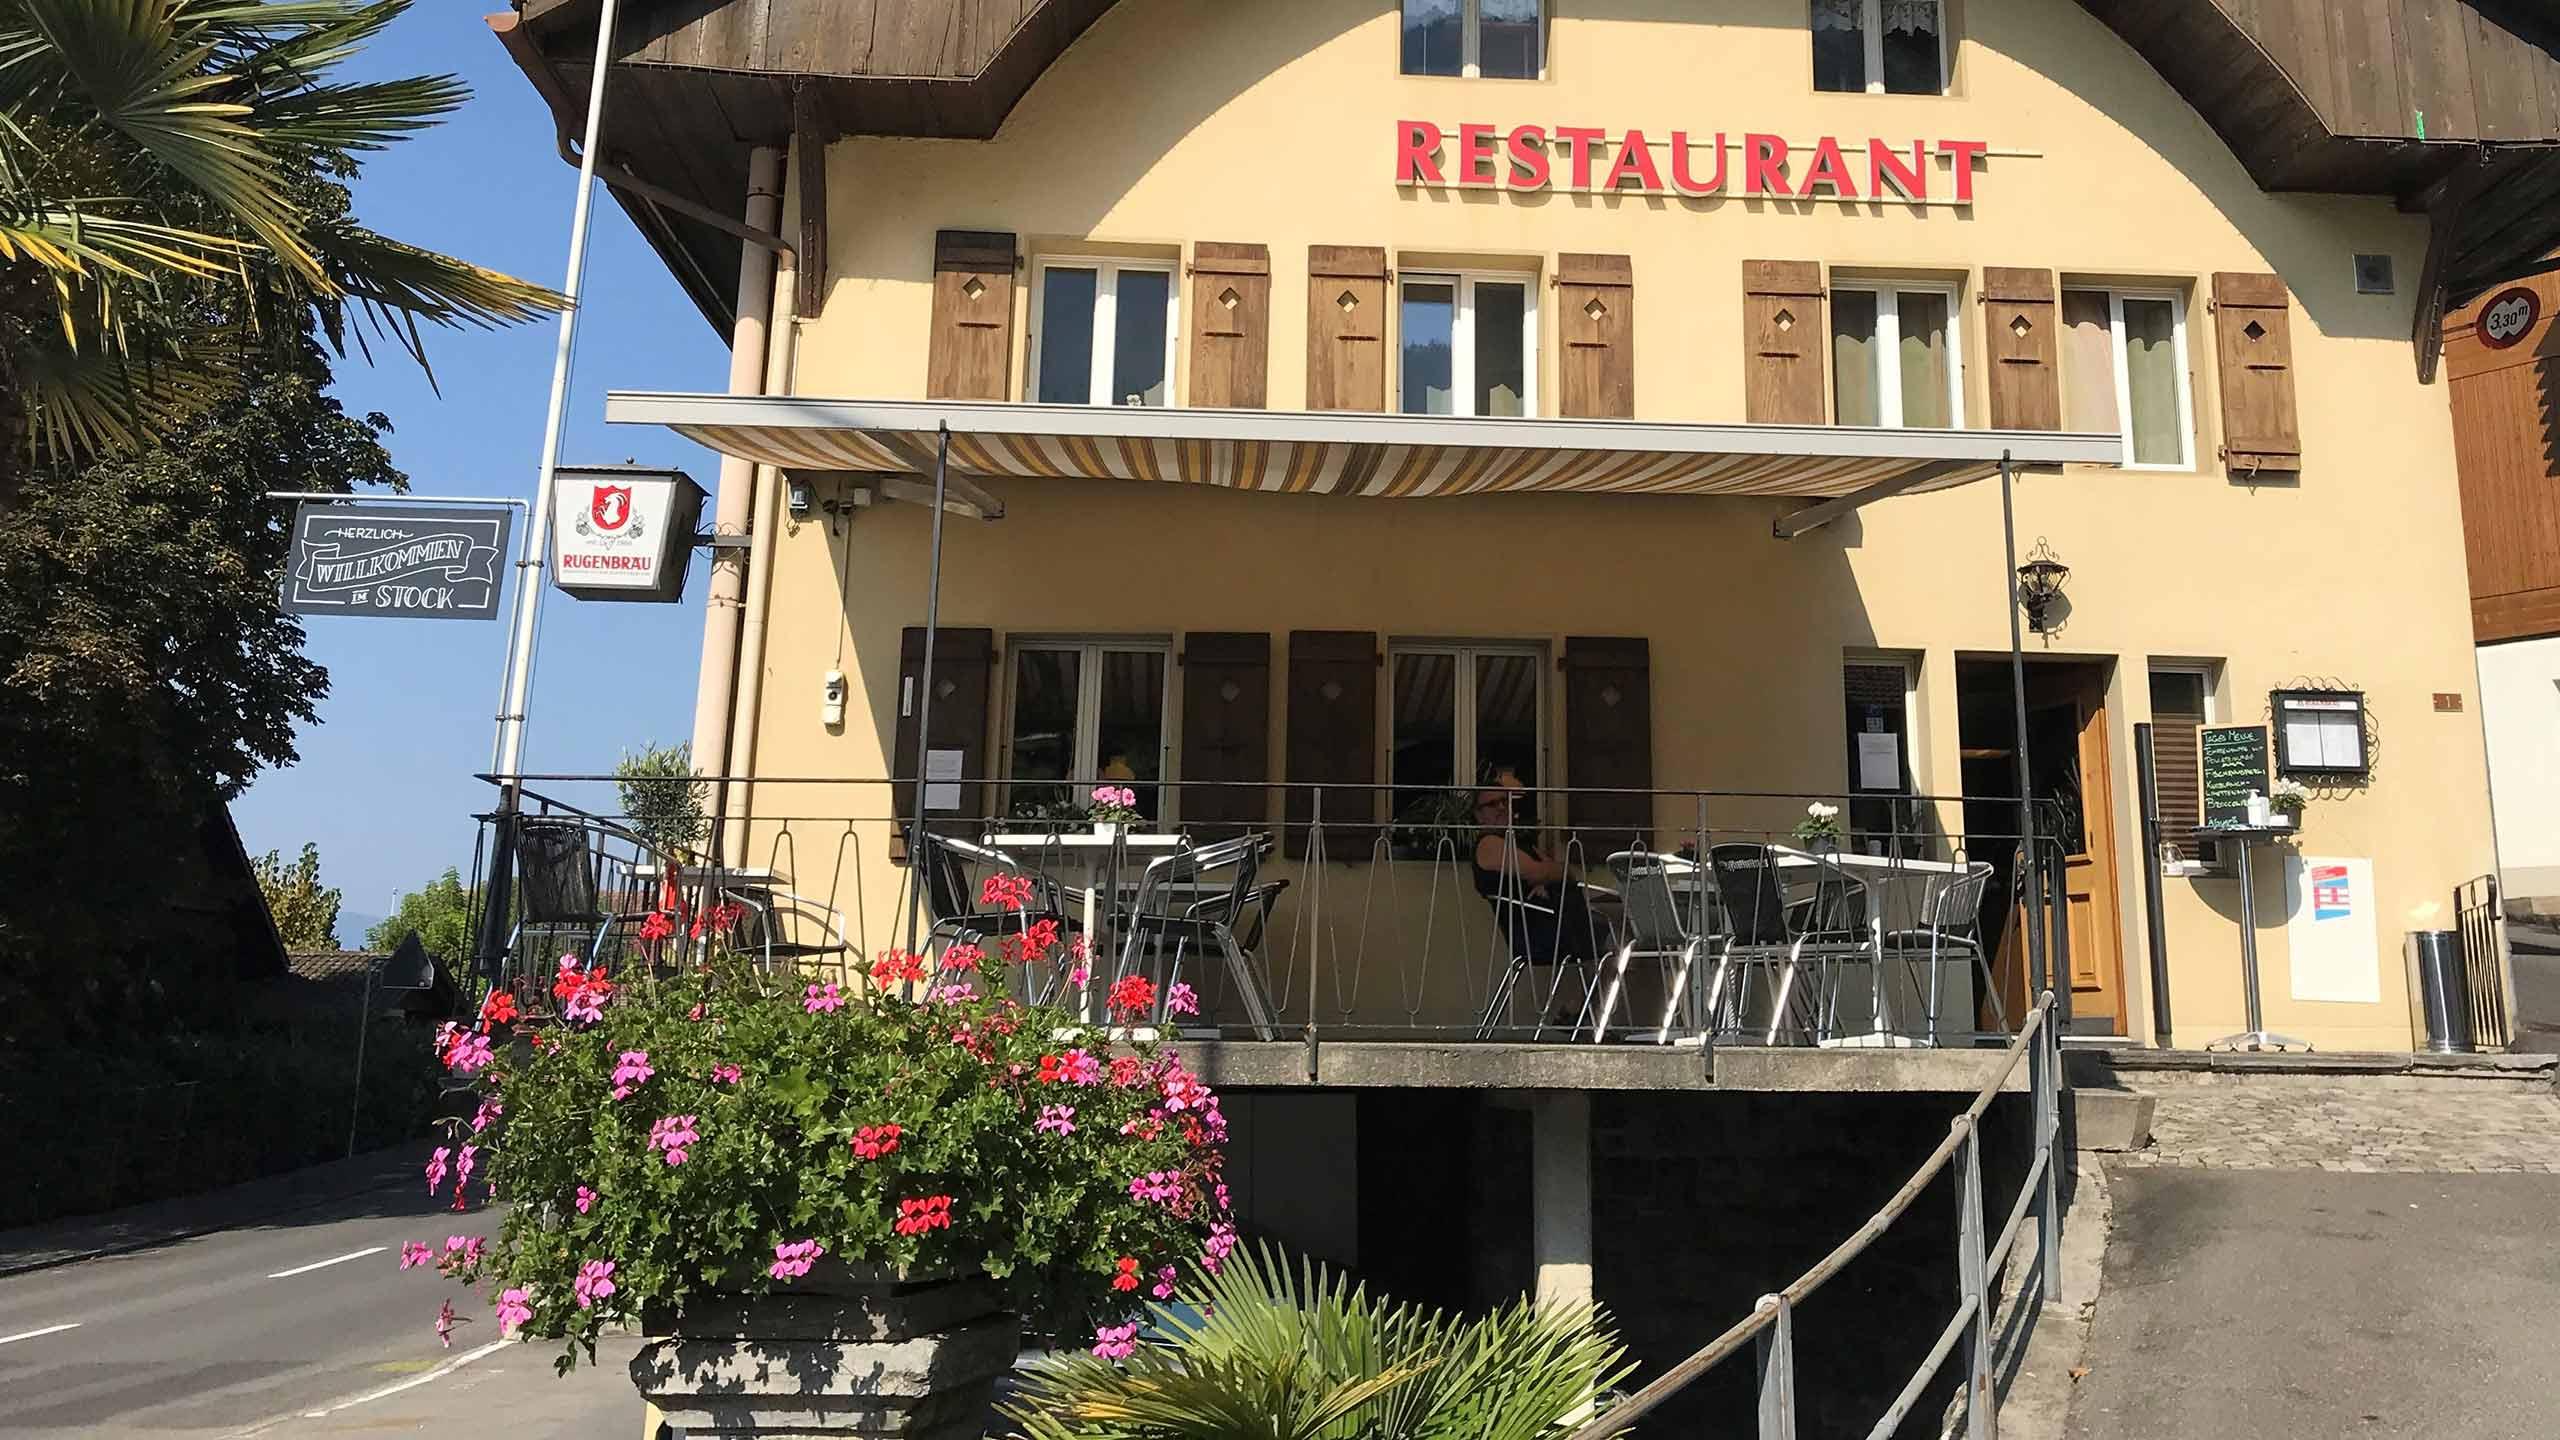 restaurant-kreuz-stock-merligen-seitenansichtt-terrasse--palme-gebaeude.jpg